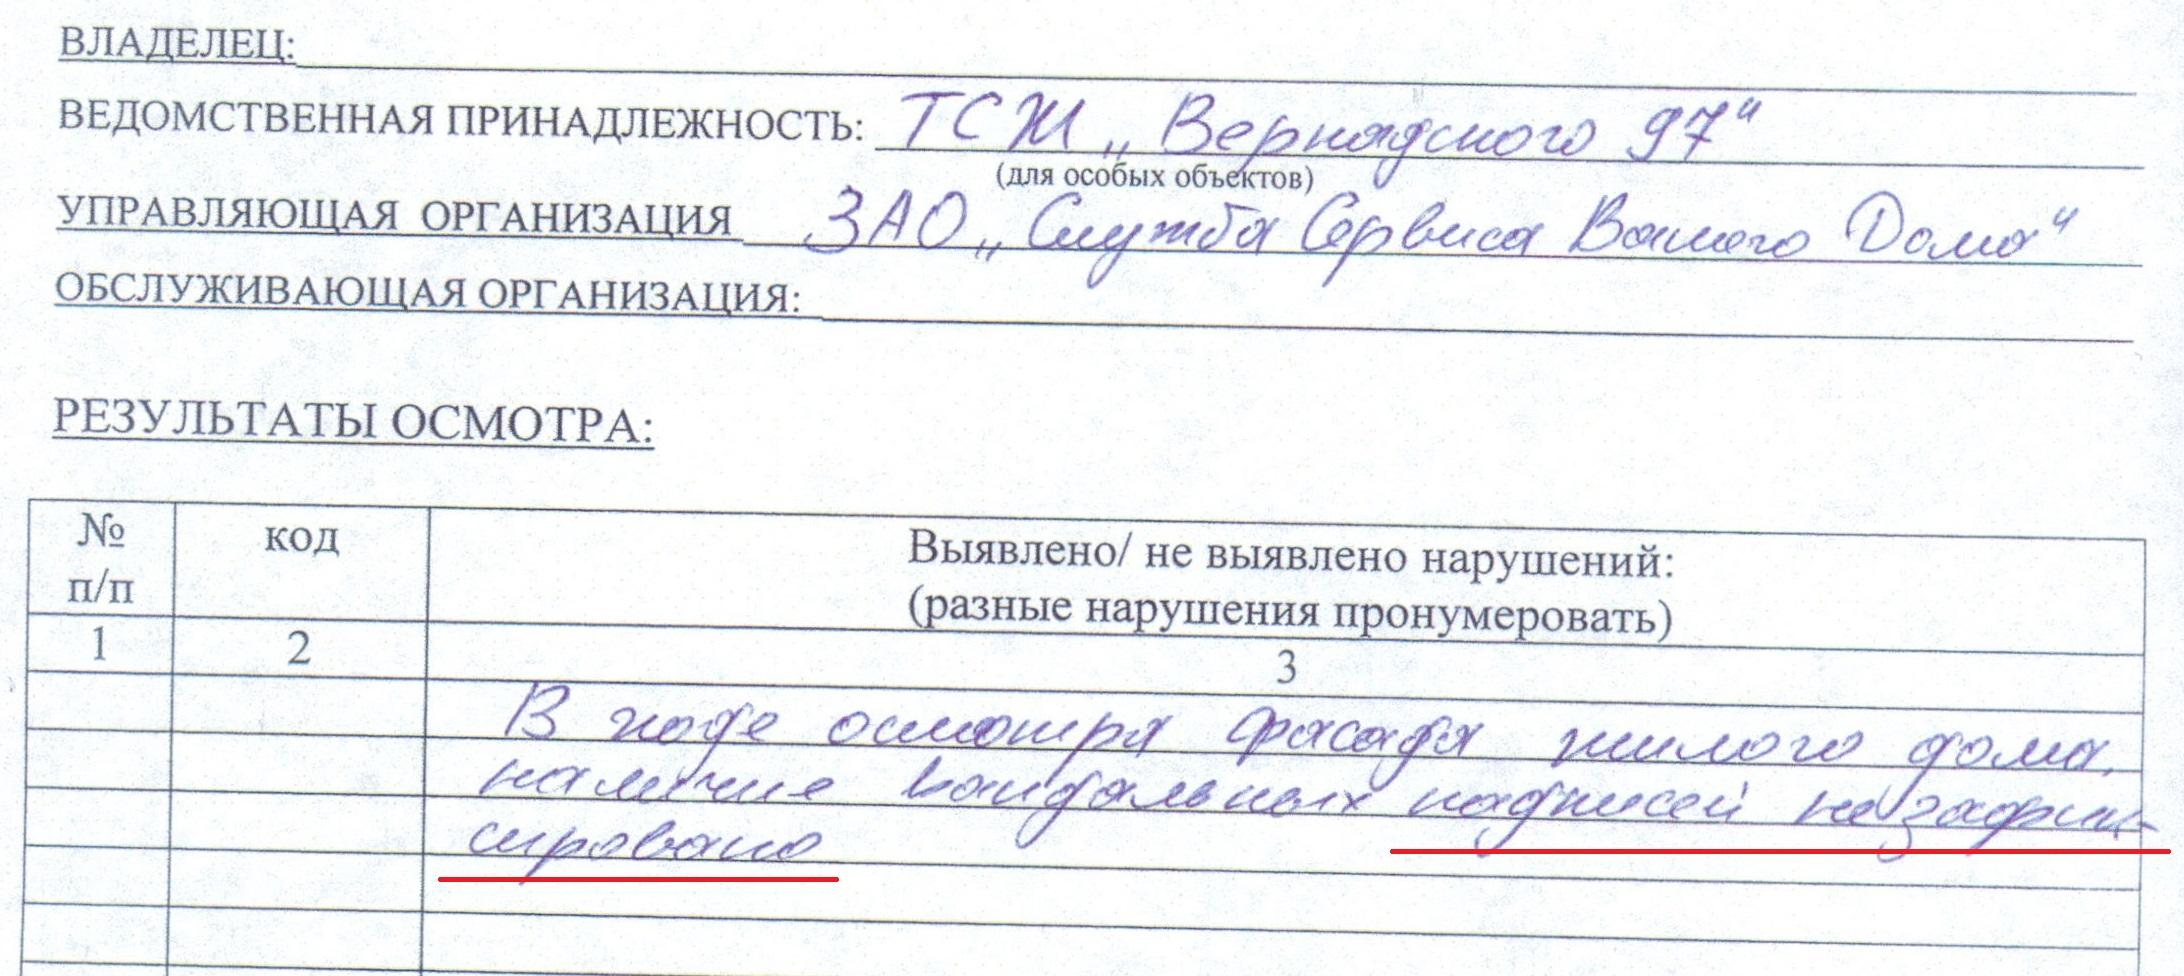 Город-Надписи-1